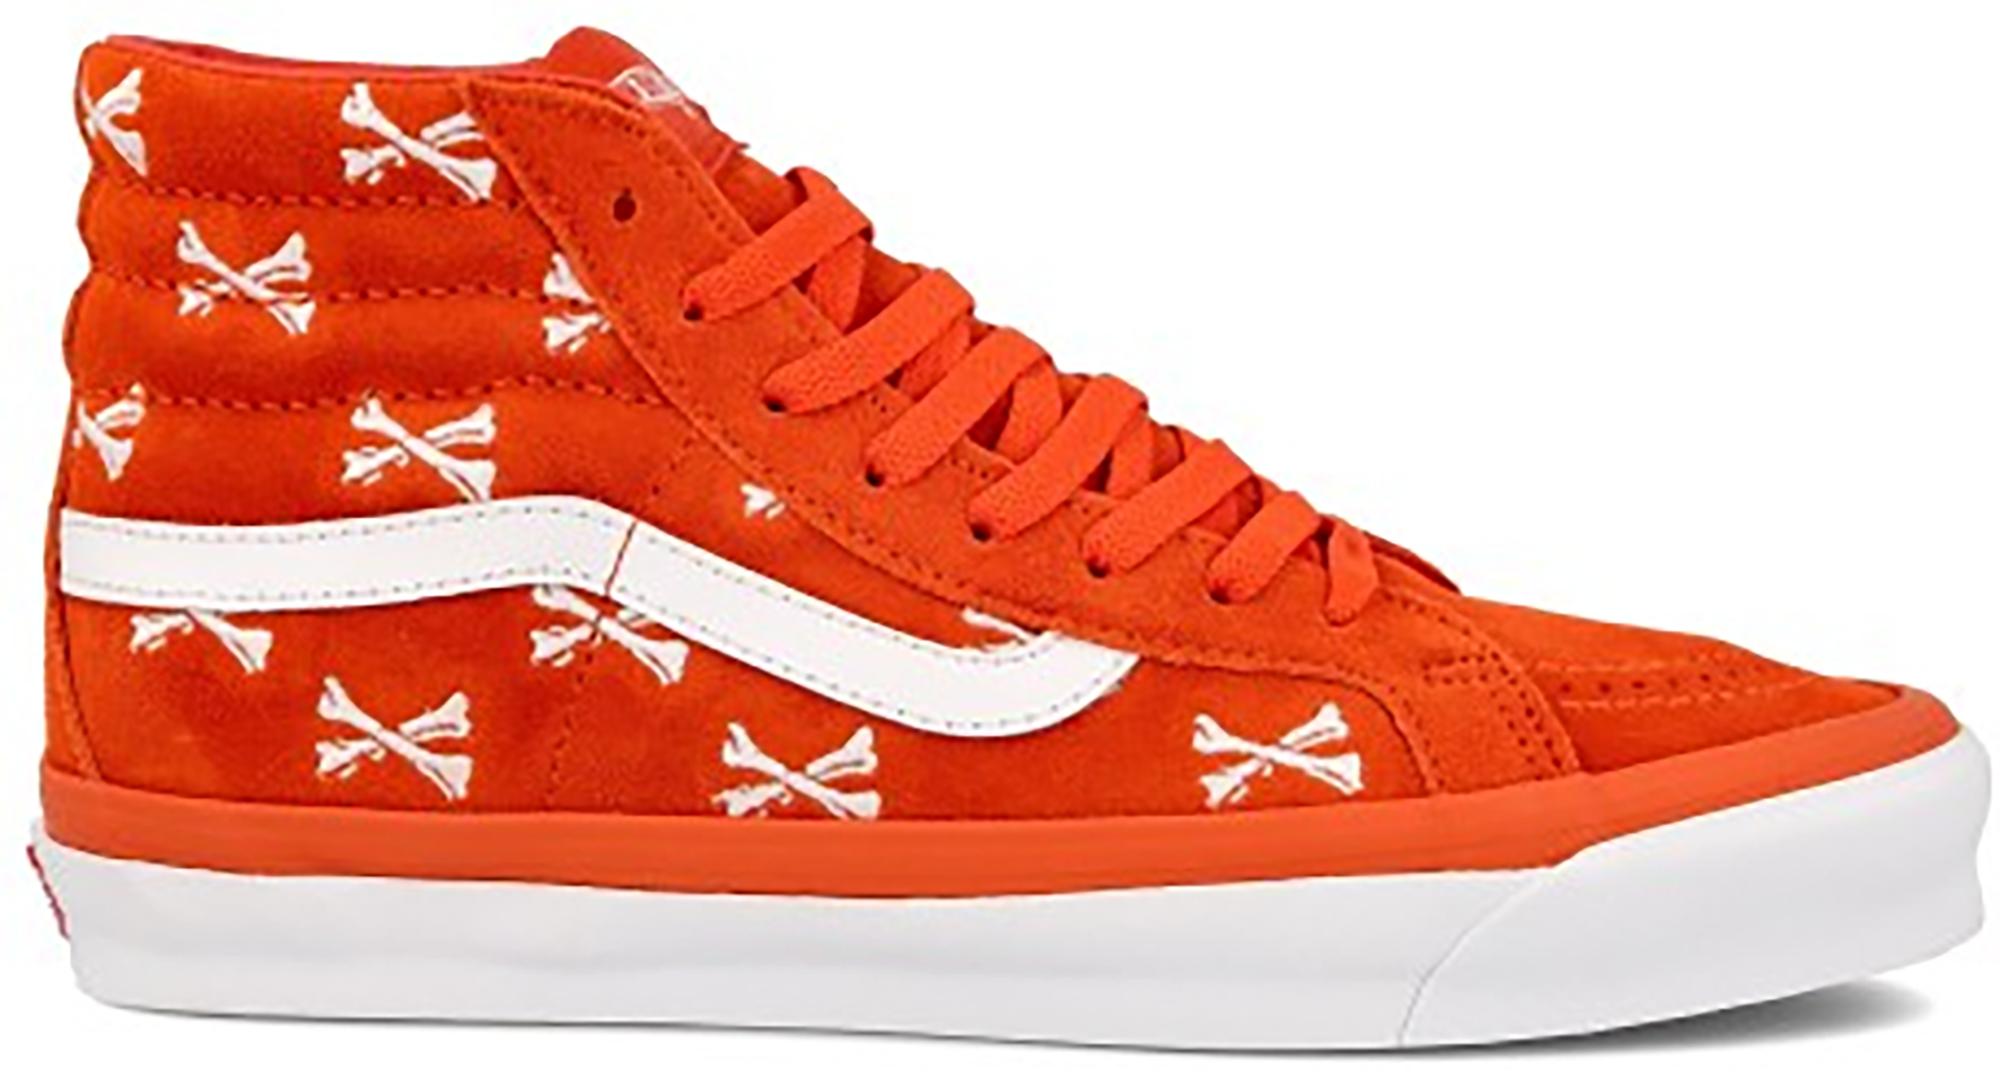 Vans Sk8-Hi WTAPS Bones Orange